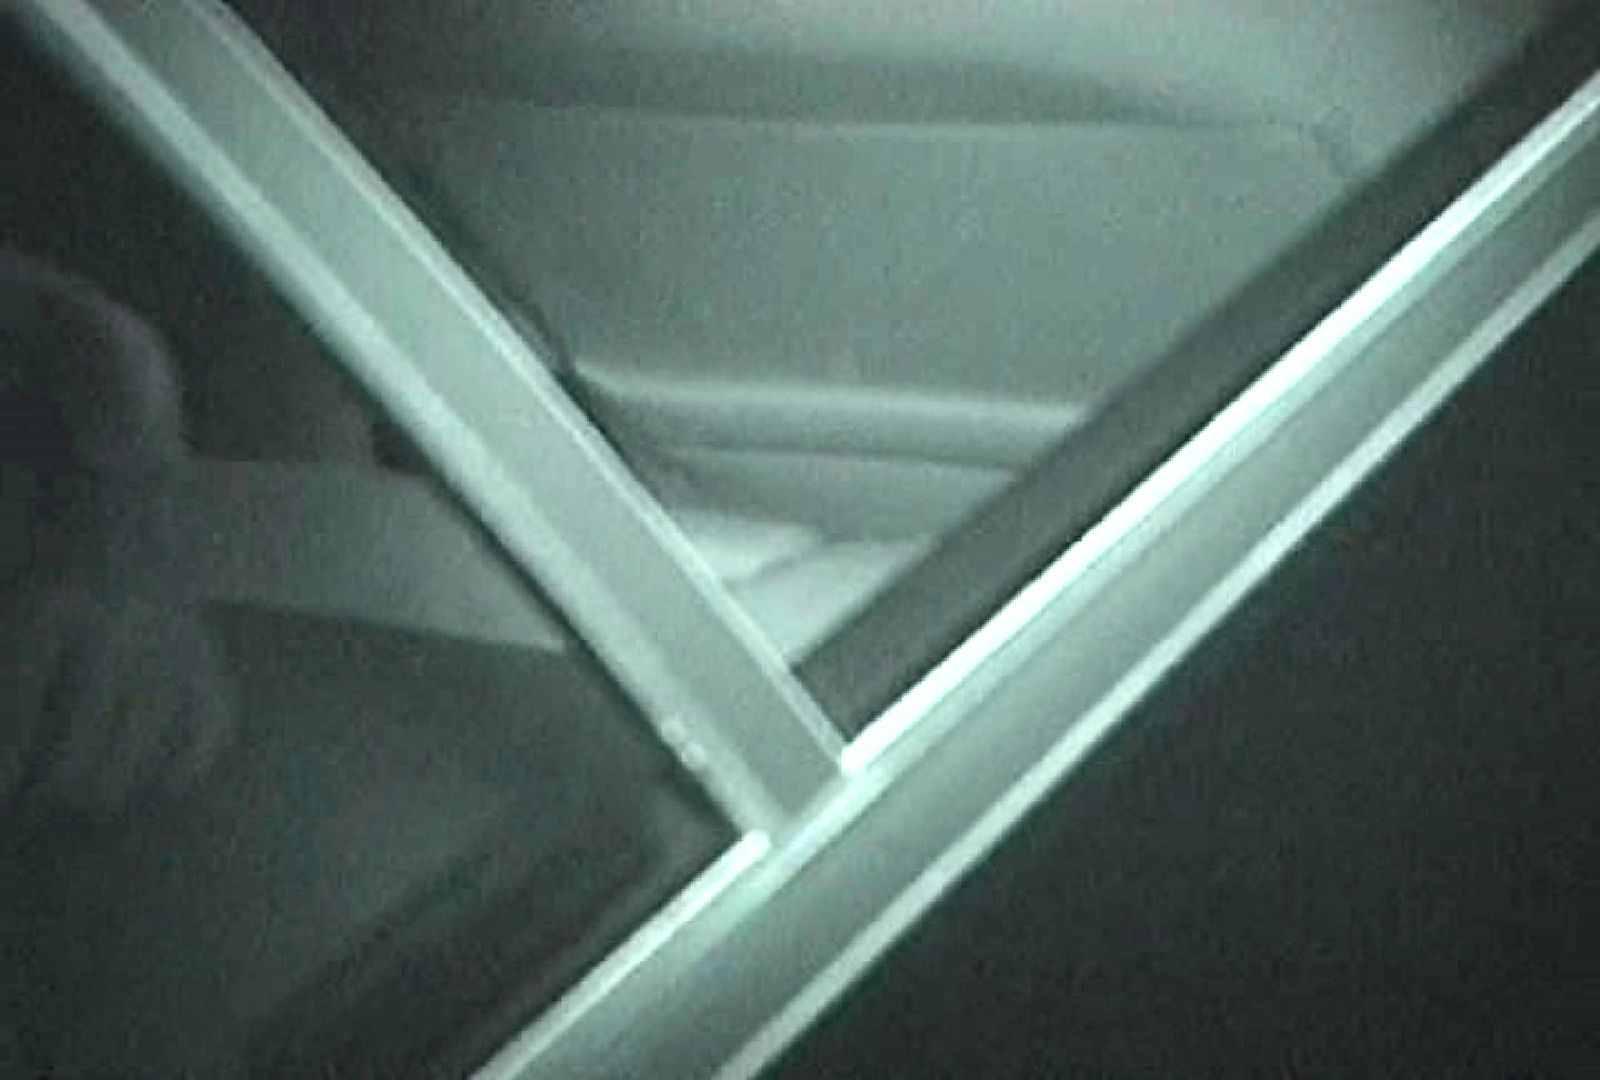 充血監督の深夜の運動会Vol.91 素人エロ投稿 | OLセックス  102画像 46